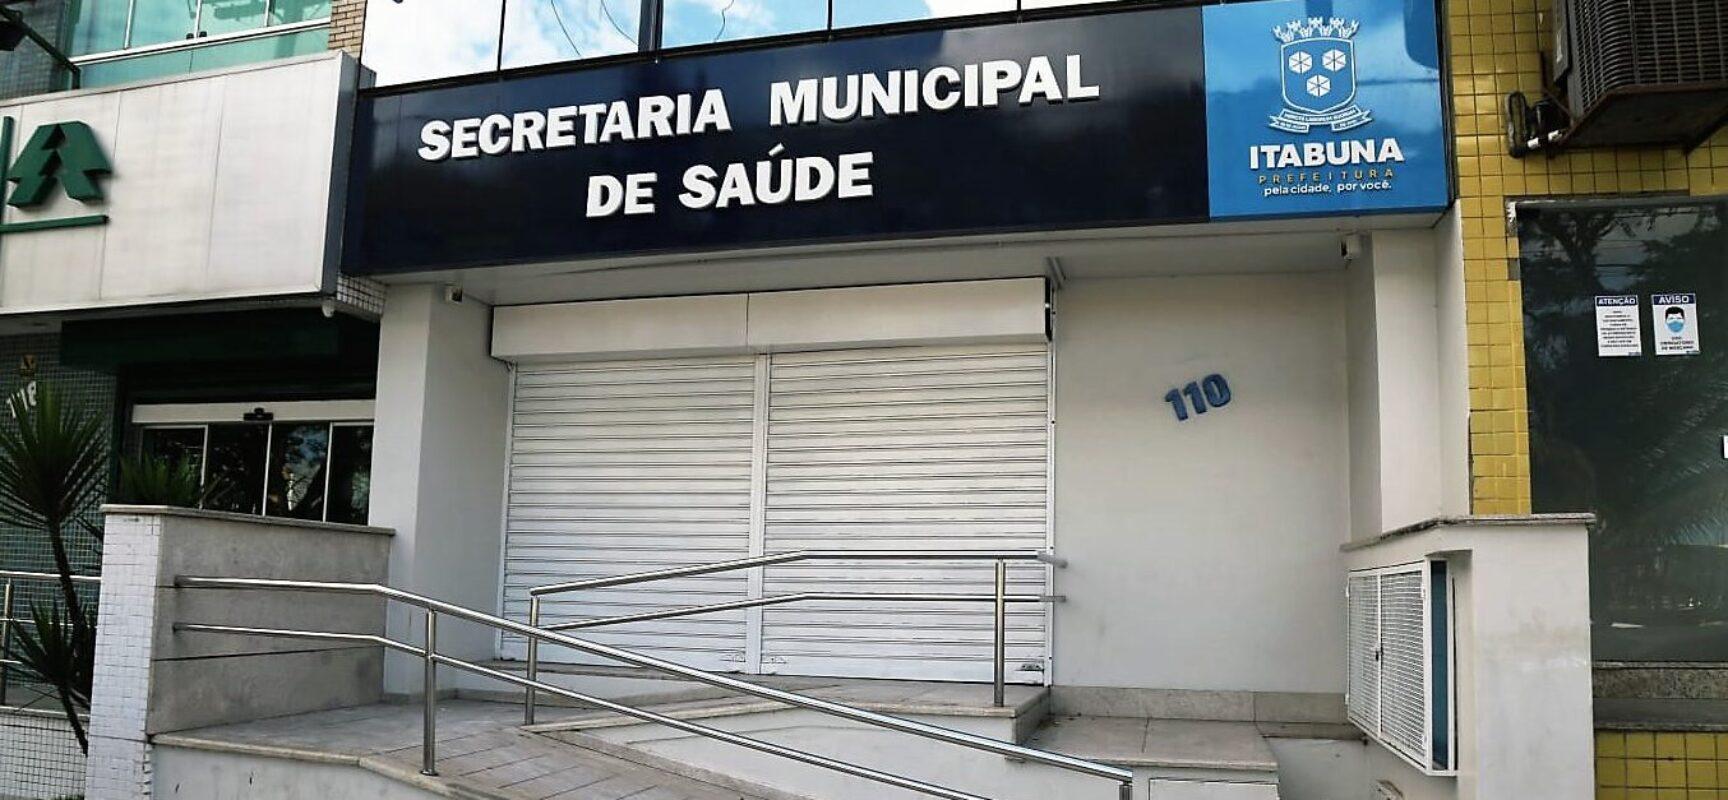 Secretaria Municipal de Saúde muda para o centro de Itabuna